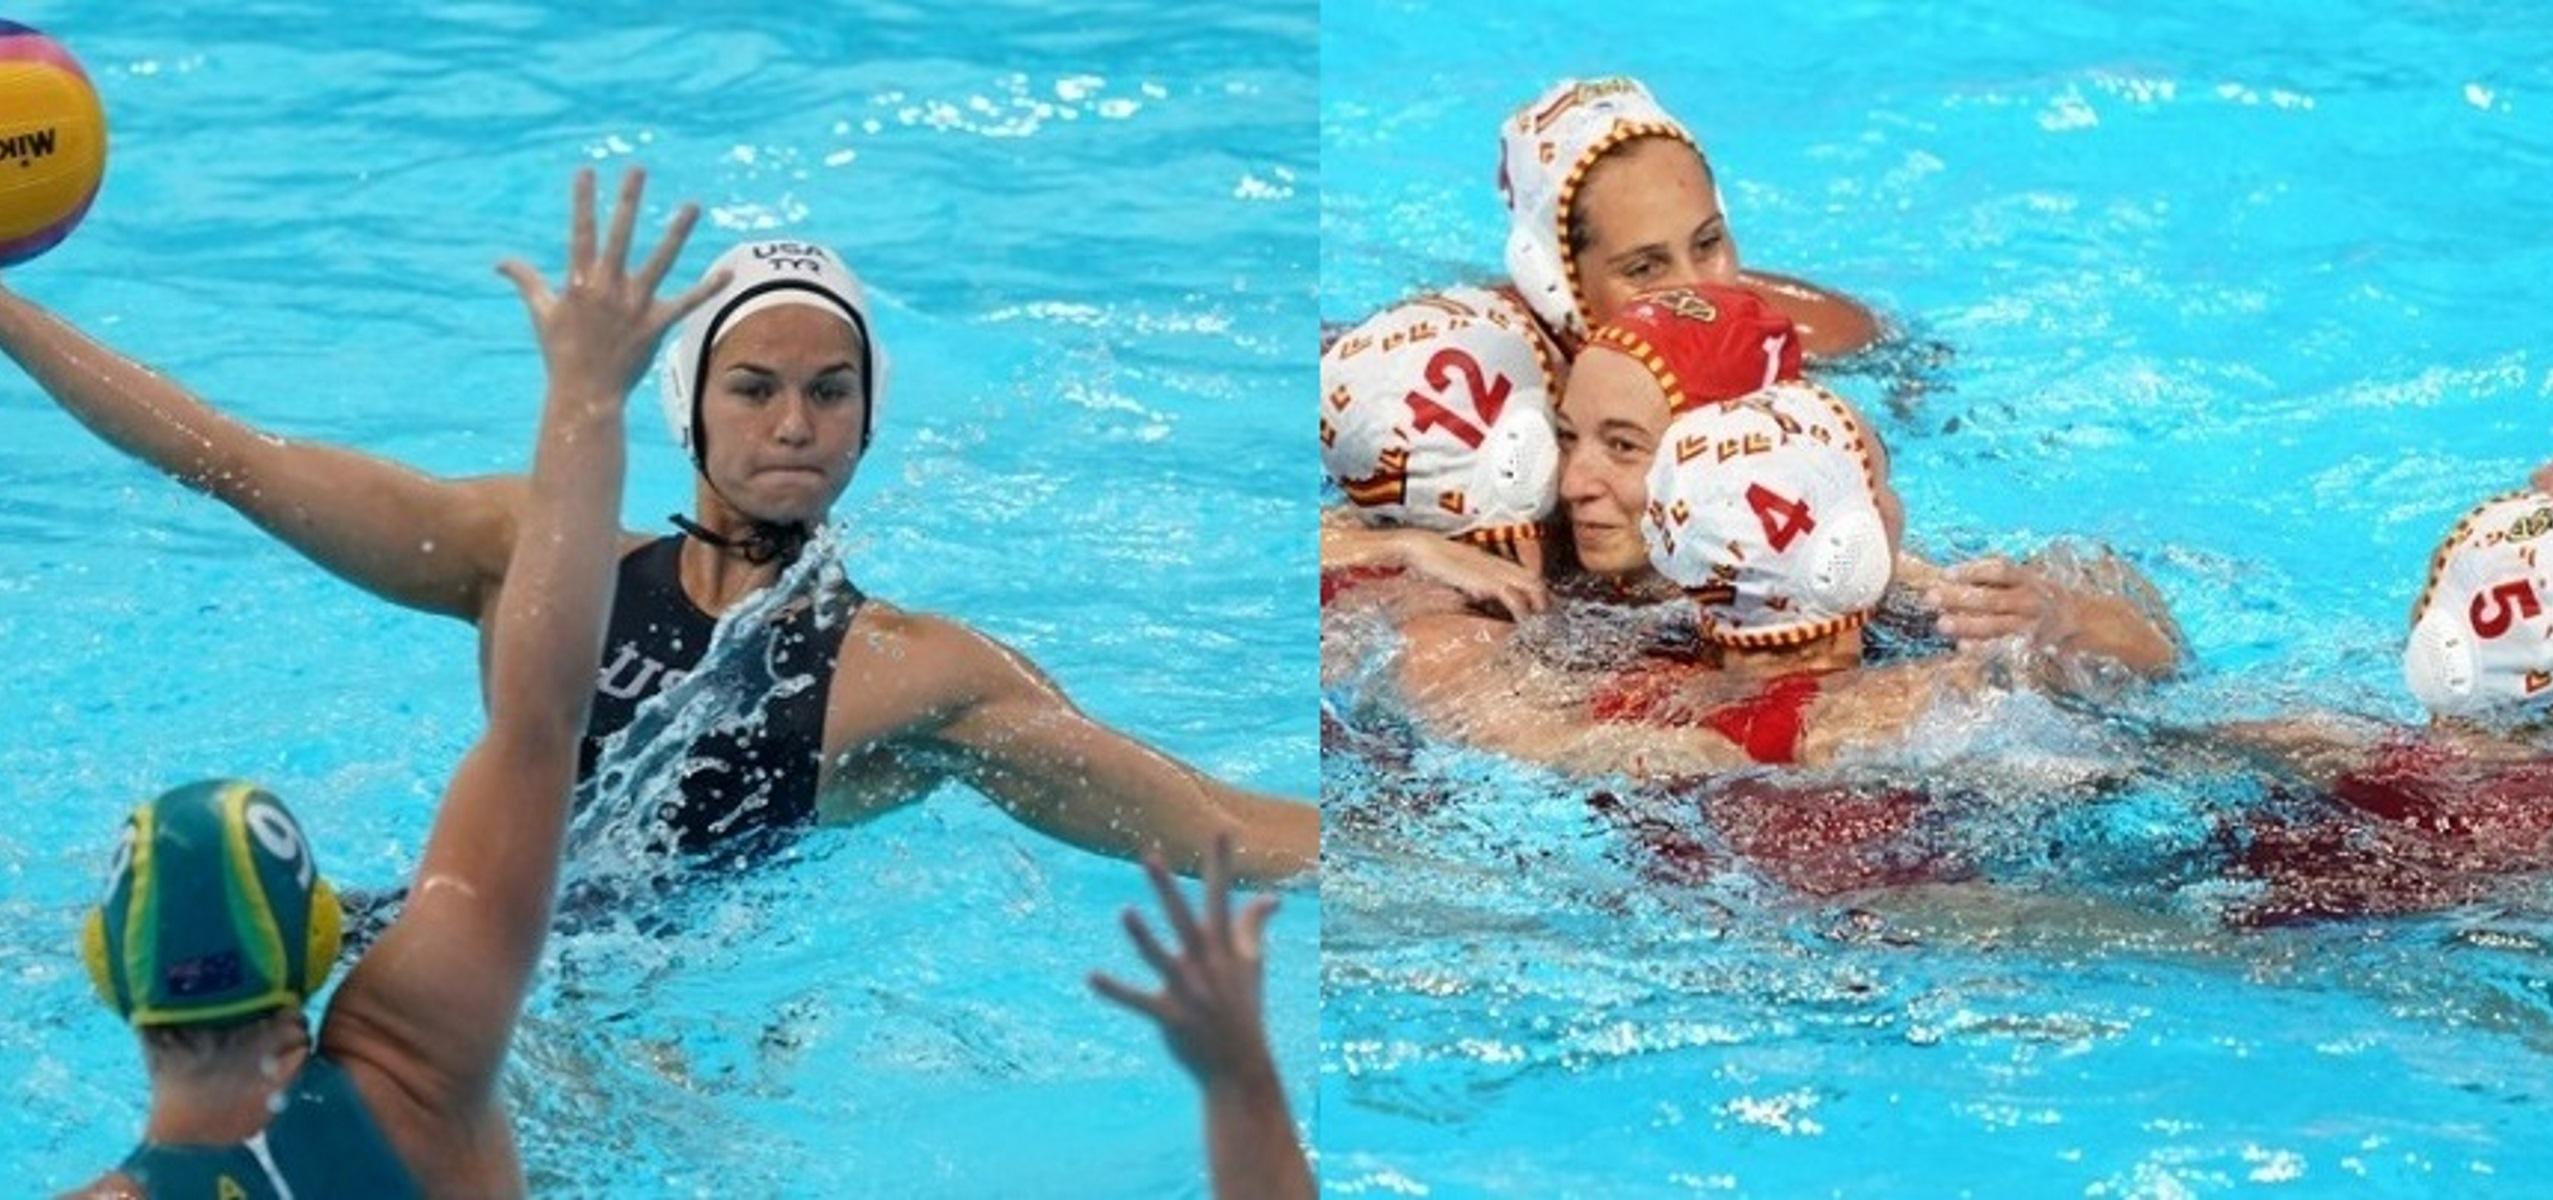 Παγκόσμιο πρωτάθλημα υγρού στίβου: ΗΠΑ – Ισπανία ο τελικός στο πόλο γυναικών